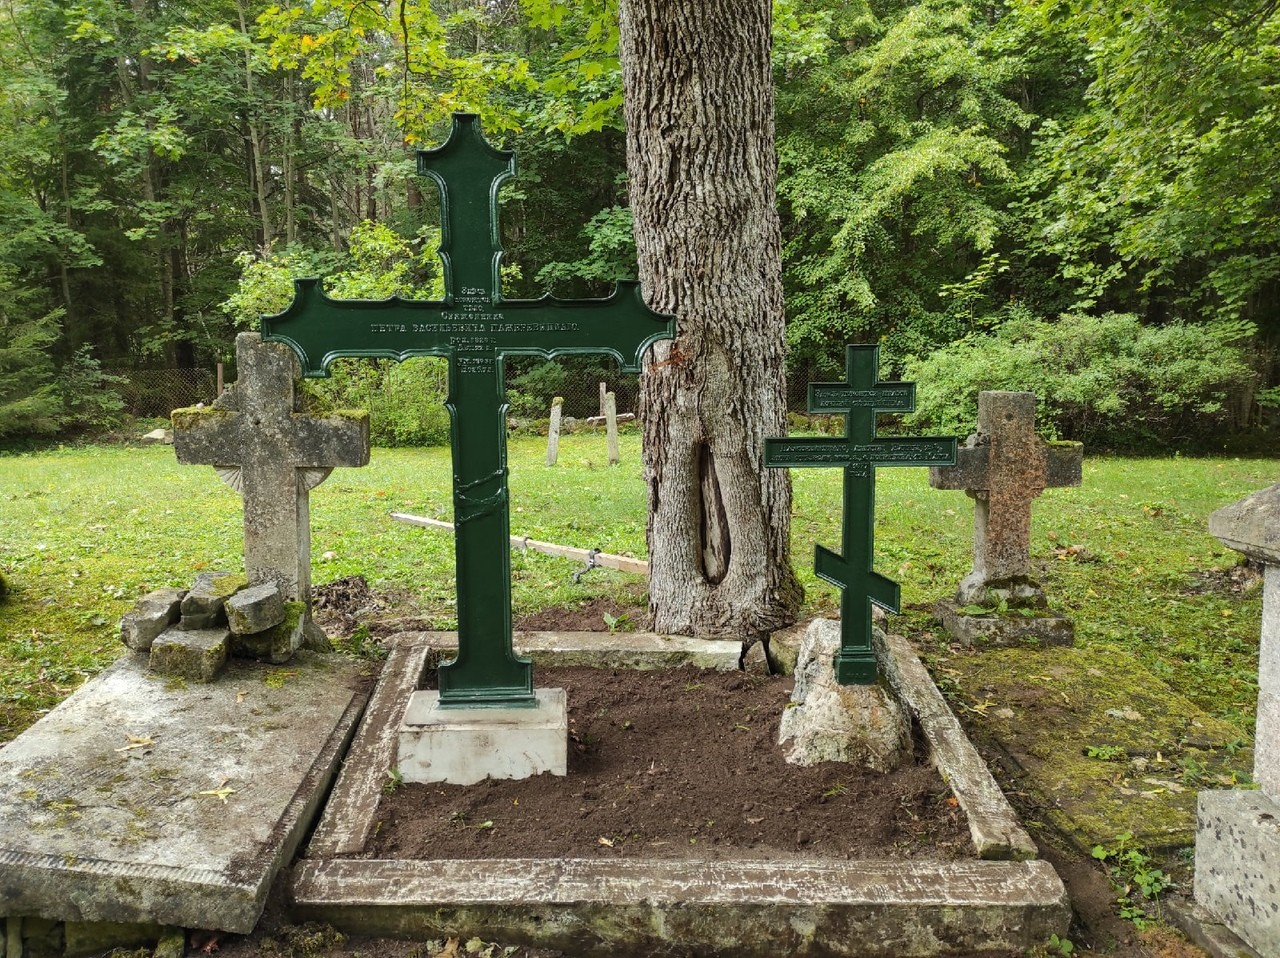 Могилы нашей памяти: восстановлен крест на могиле священника Пётра Васильевича Пажаревицкого на Сааремаа